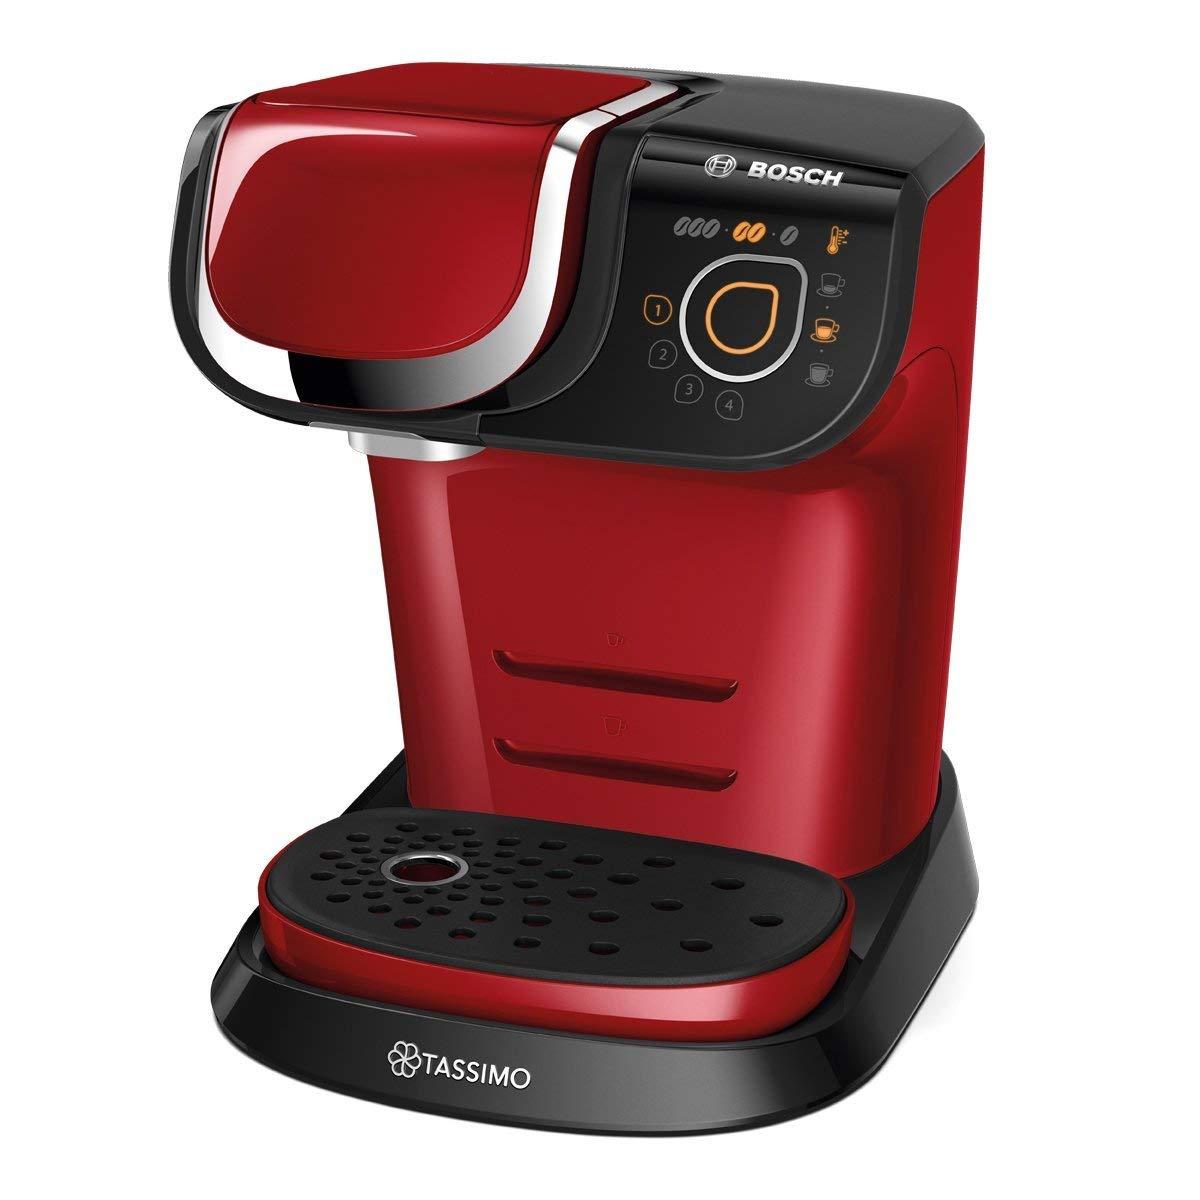 Bosch TAS6003 TASSIMO My Way Cafetera de cápsulas, 1500 W, color rojo: Amazon.es: Hogar